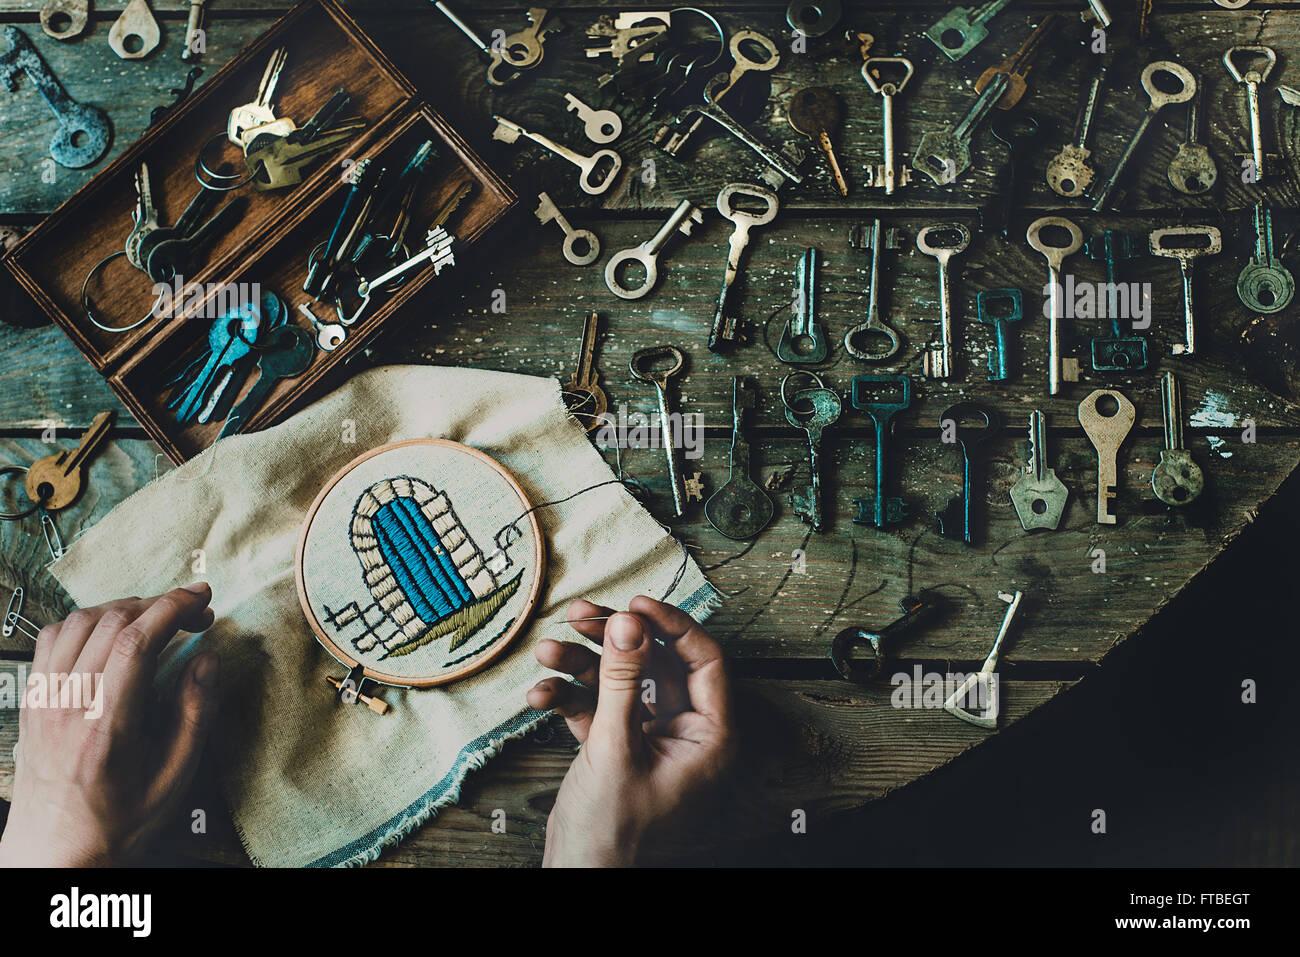 Wes Anderson da sopra vista dall'alto le mani le chiavi del ricamo ricamo bloccato la principessa nella torre Immagini Stock